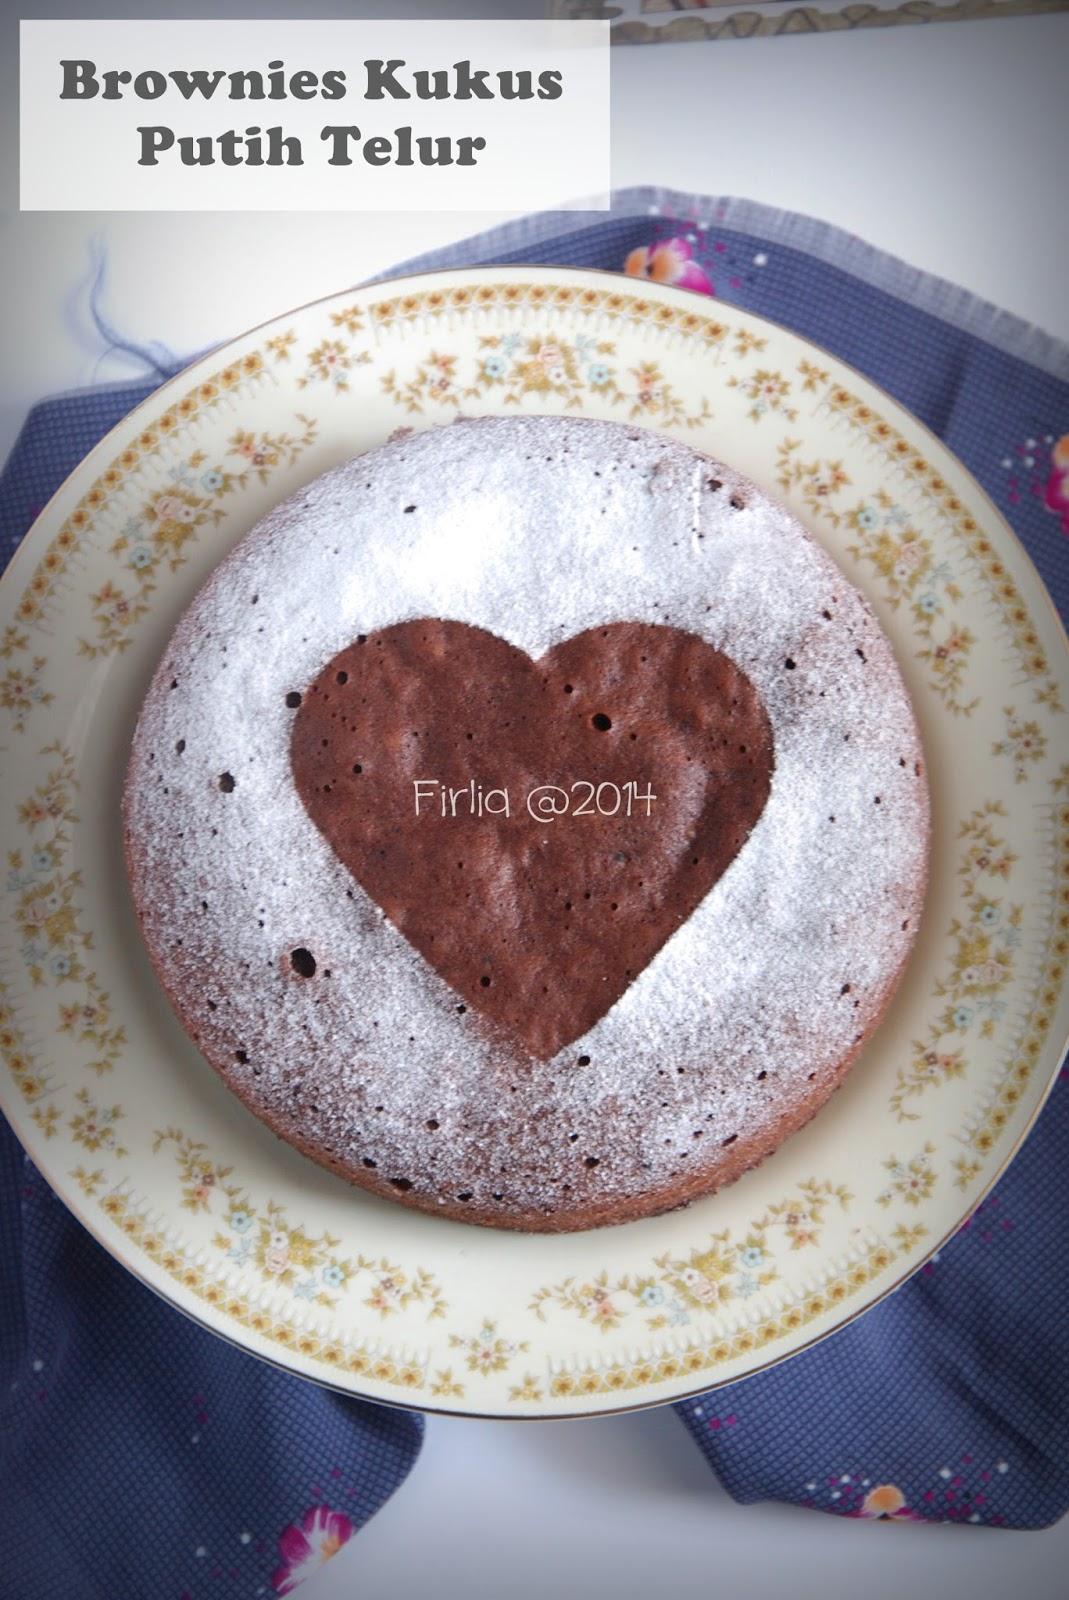 Venus Brownies & Bread: Brownies Kukus Putih Telur